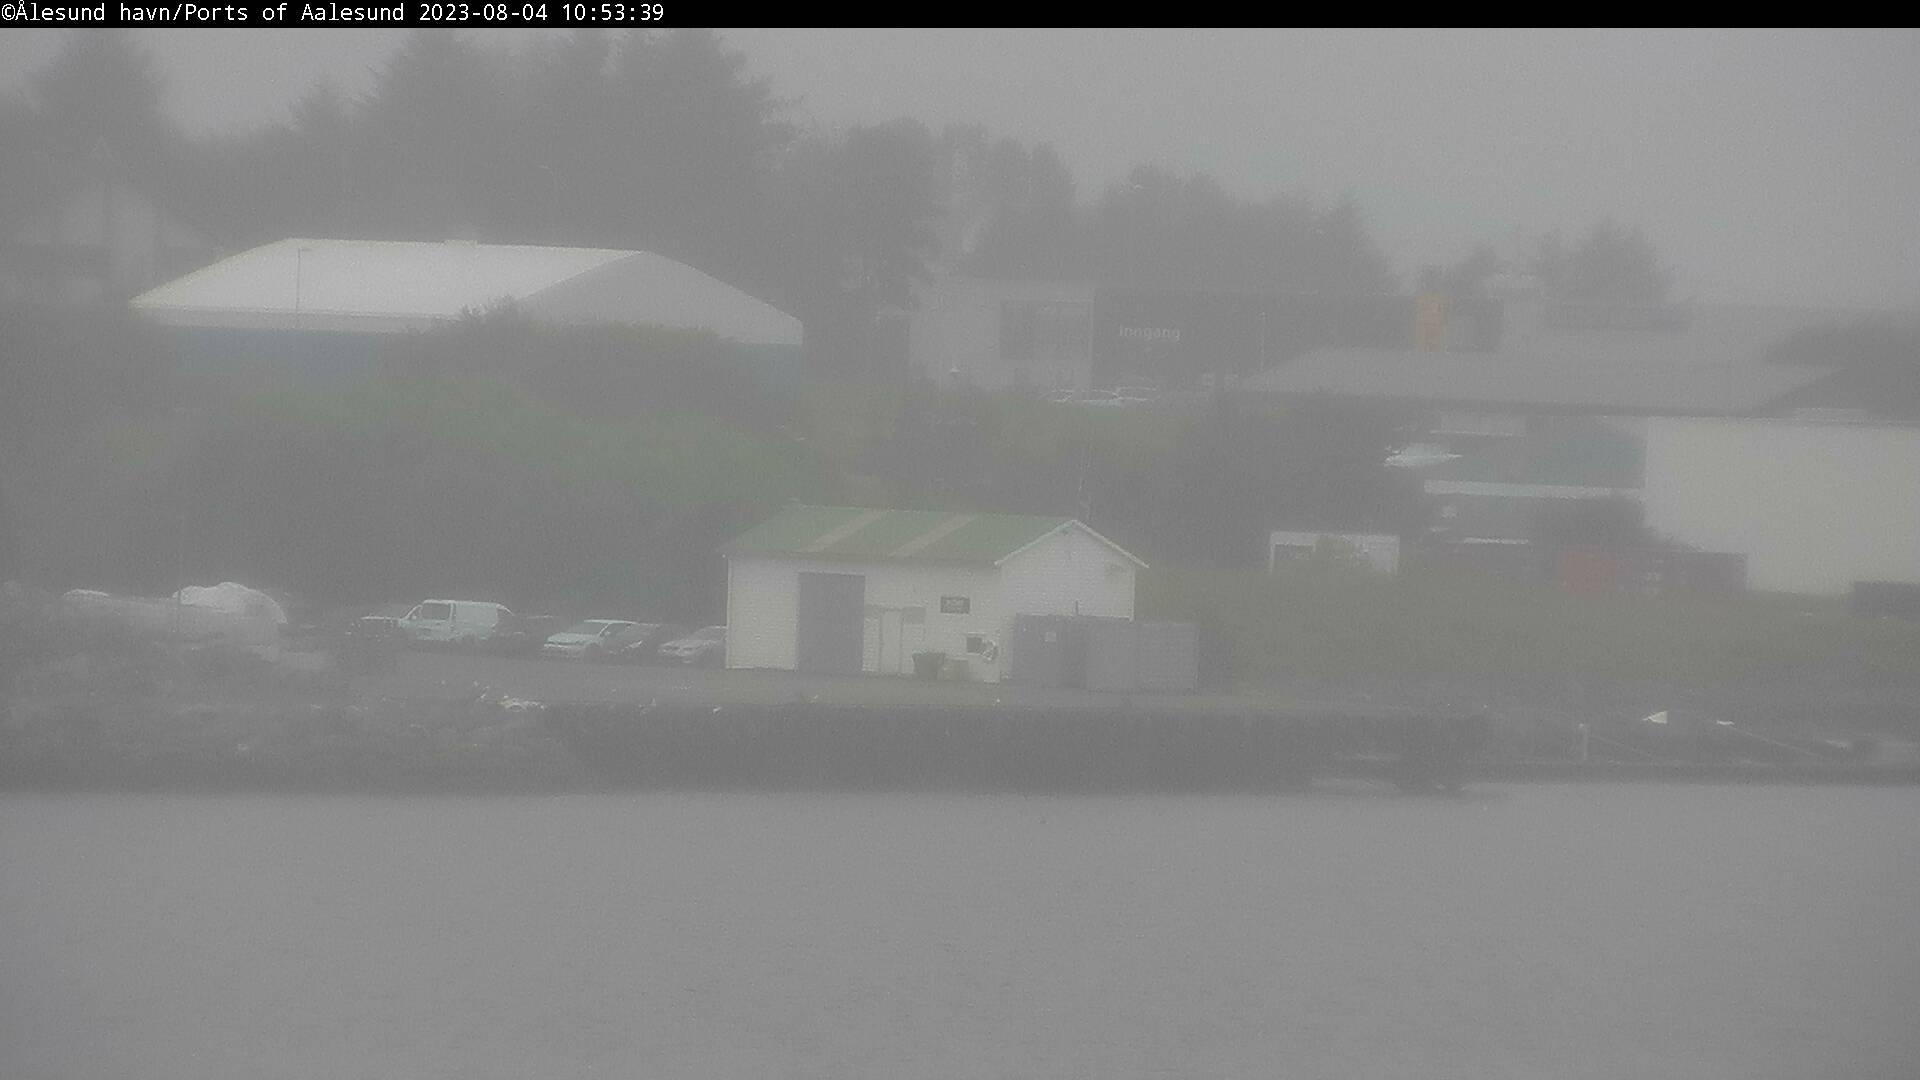 Webcam Gjøsundet havneanlegg, Giske, Møre og Romsdal, Norwegen